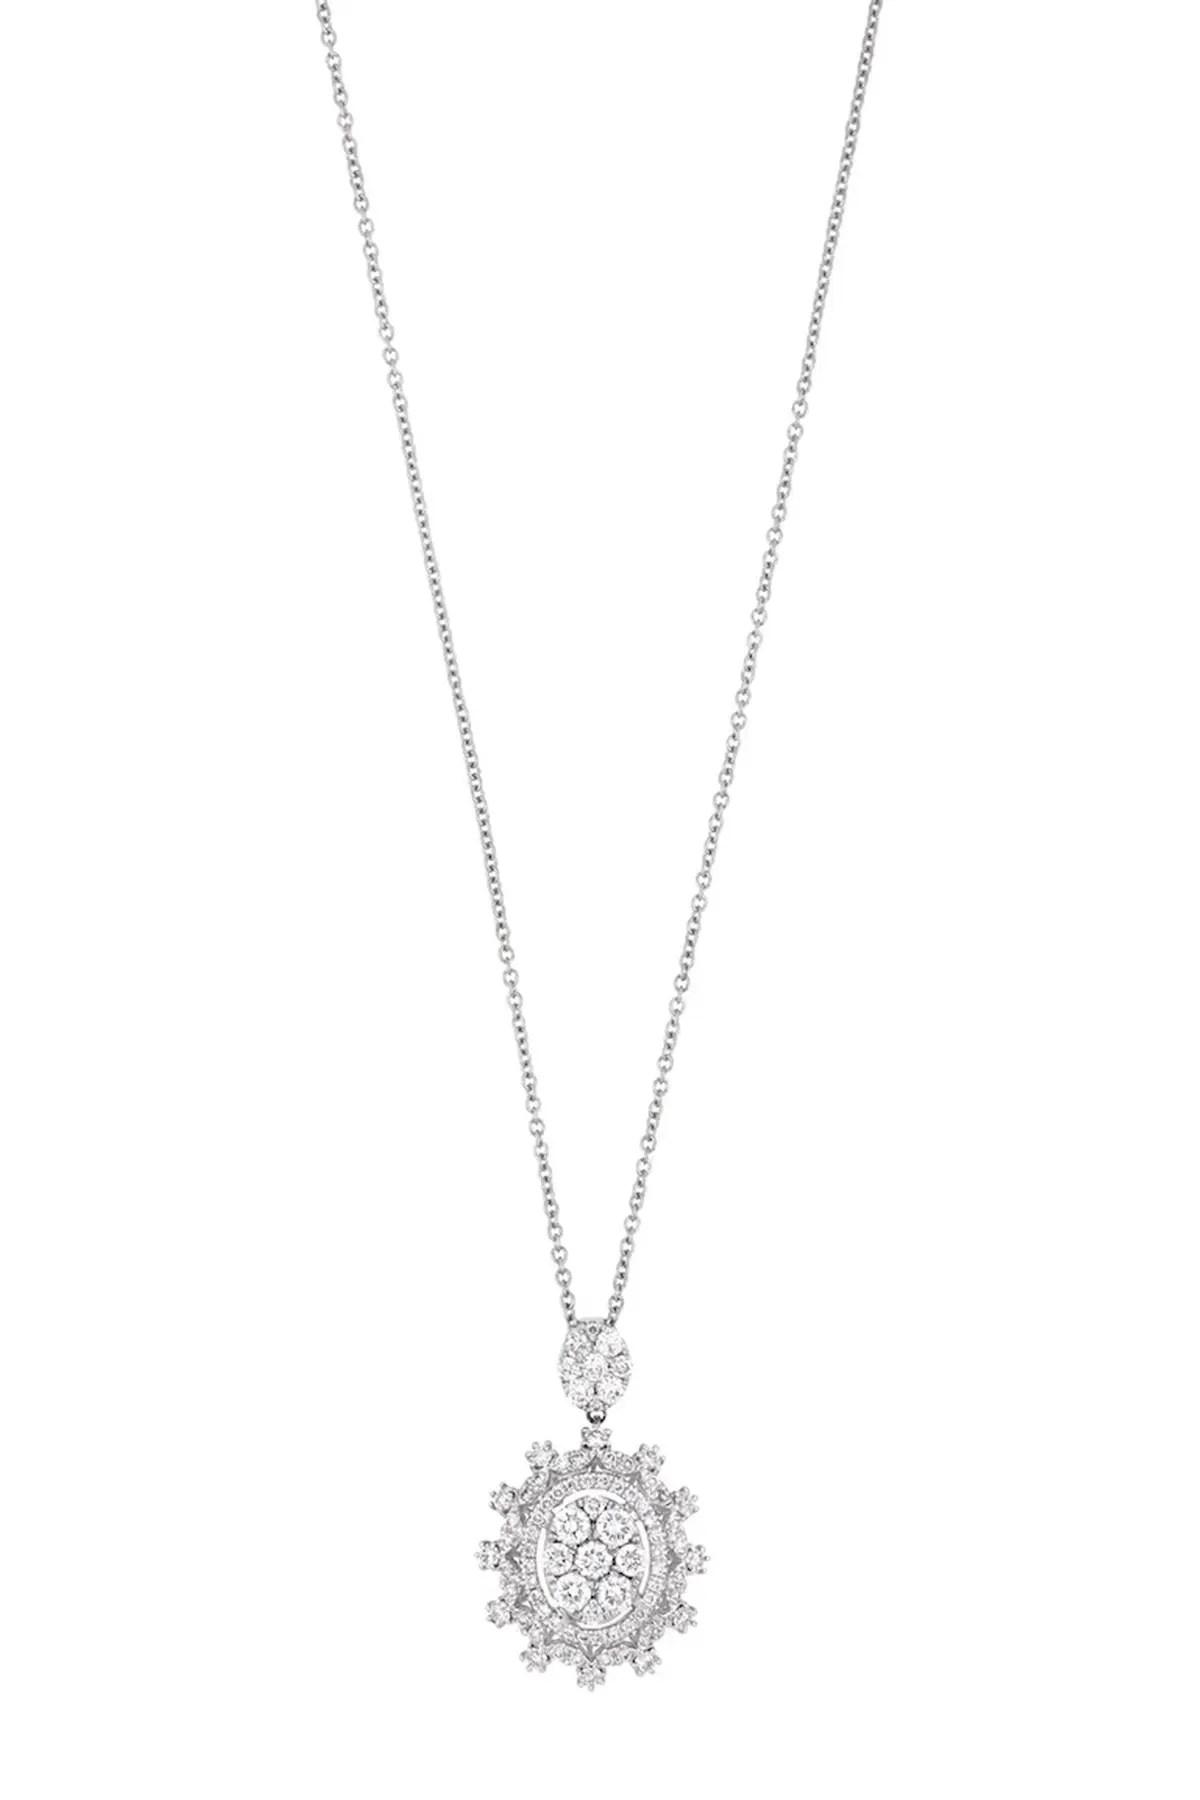 bony levy audrey 18k white gold pave diamond oval pendant necklace nordstrom rack